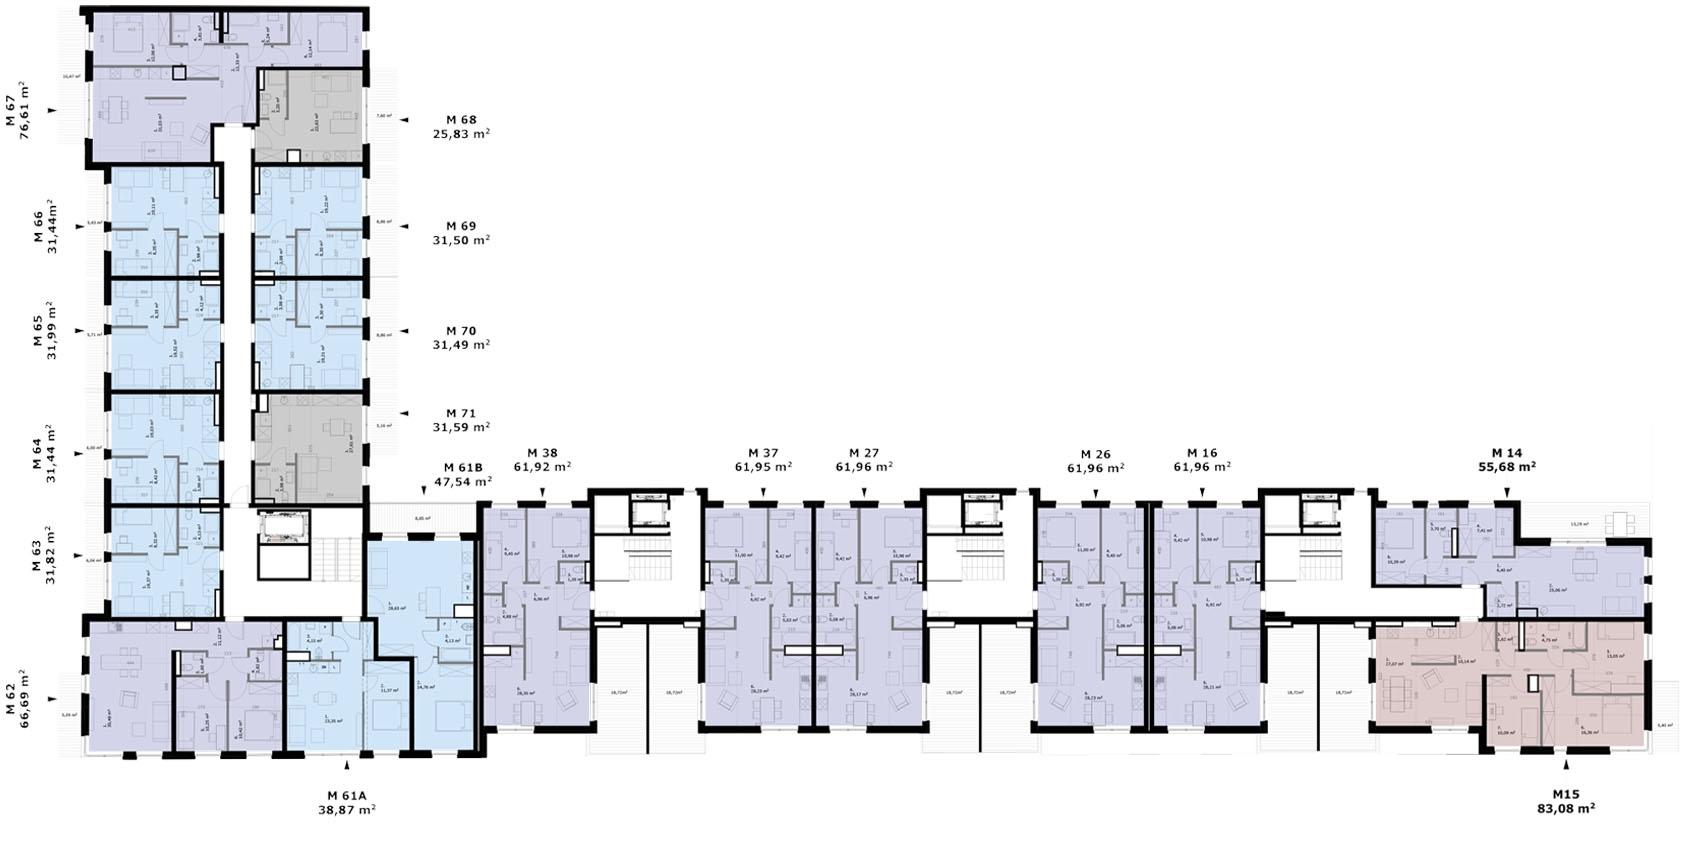 Wólczańska 188 - Piętro 3